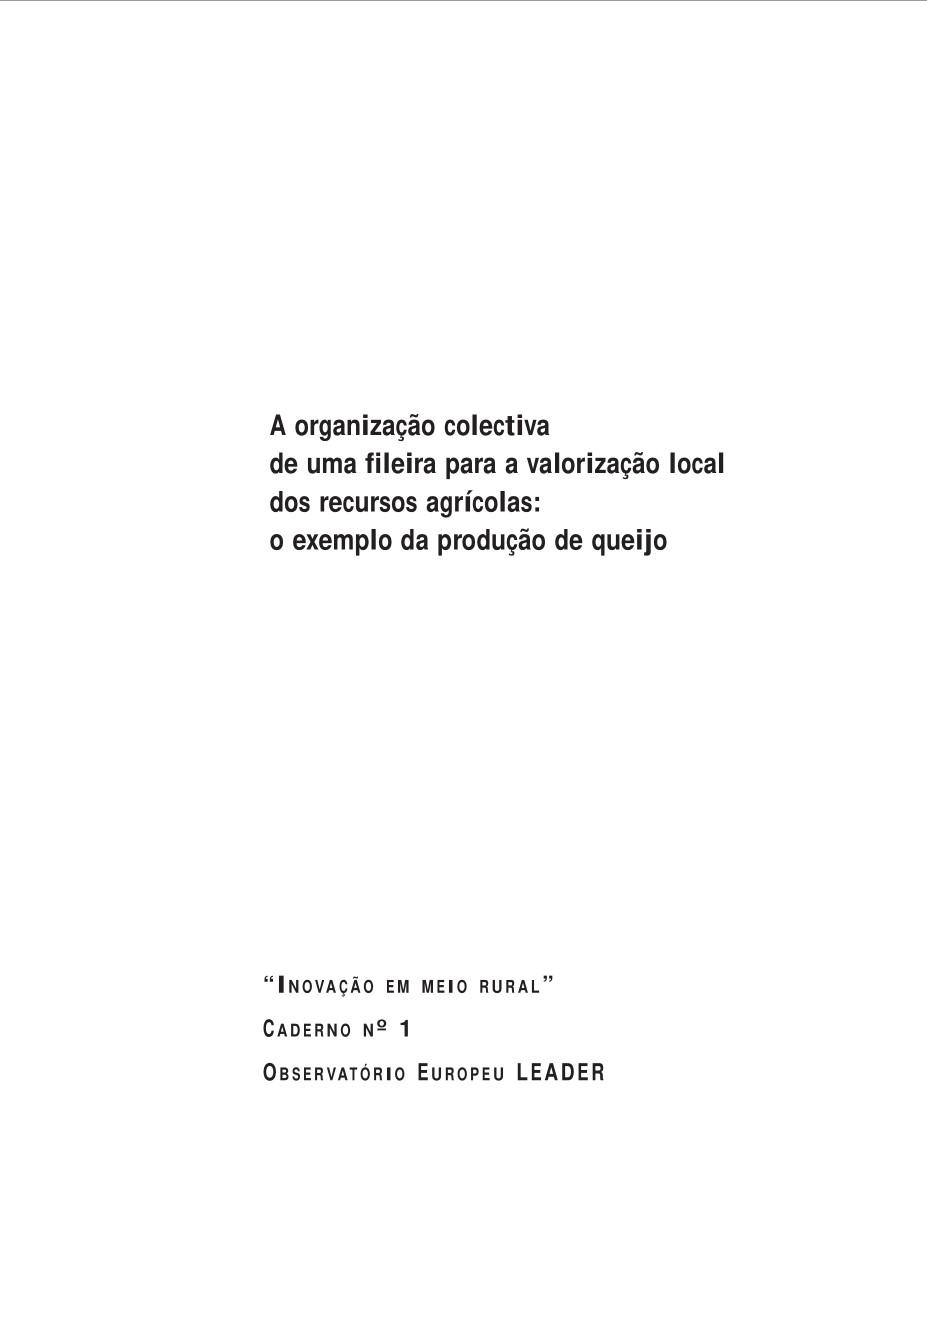 org_colectiv_c1